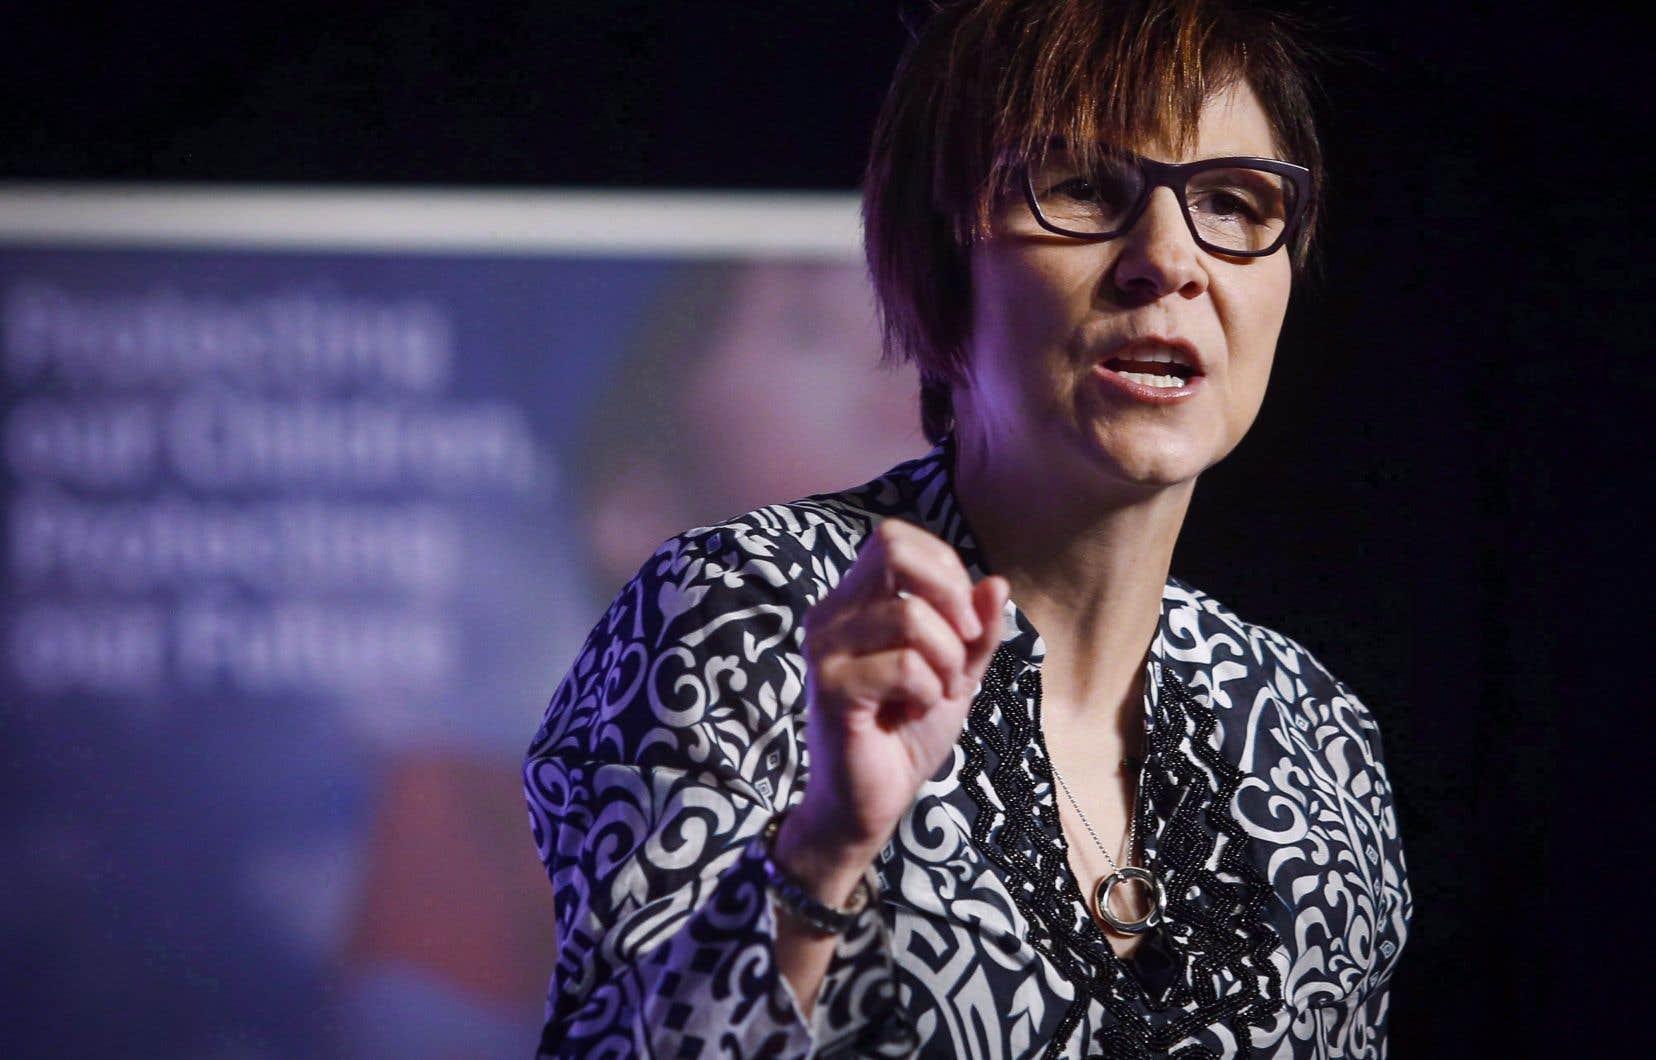 Le quasi-silence des chefs de partis fédéraux sur les Premières Nations en dit long sur leur importance aux yeux des politiciens canadiens, déplore la dirigeante autochtone Cindy Blackstock.